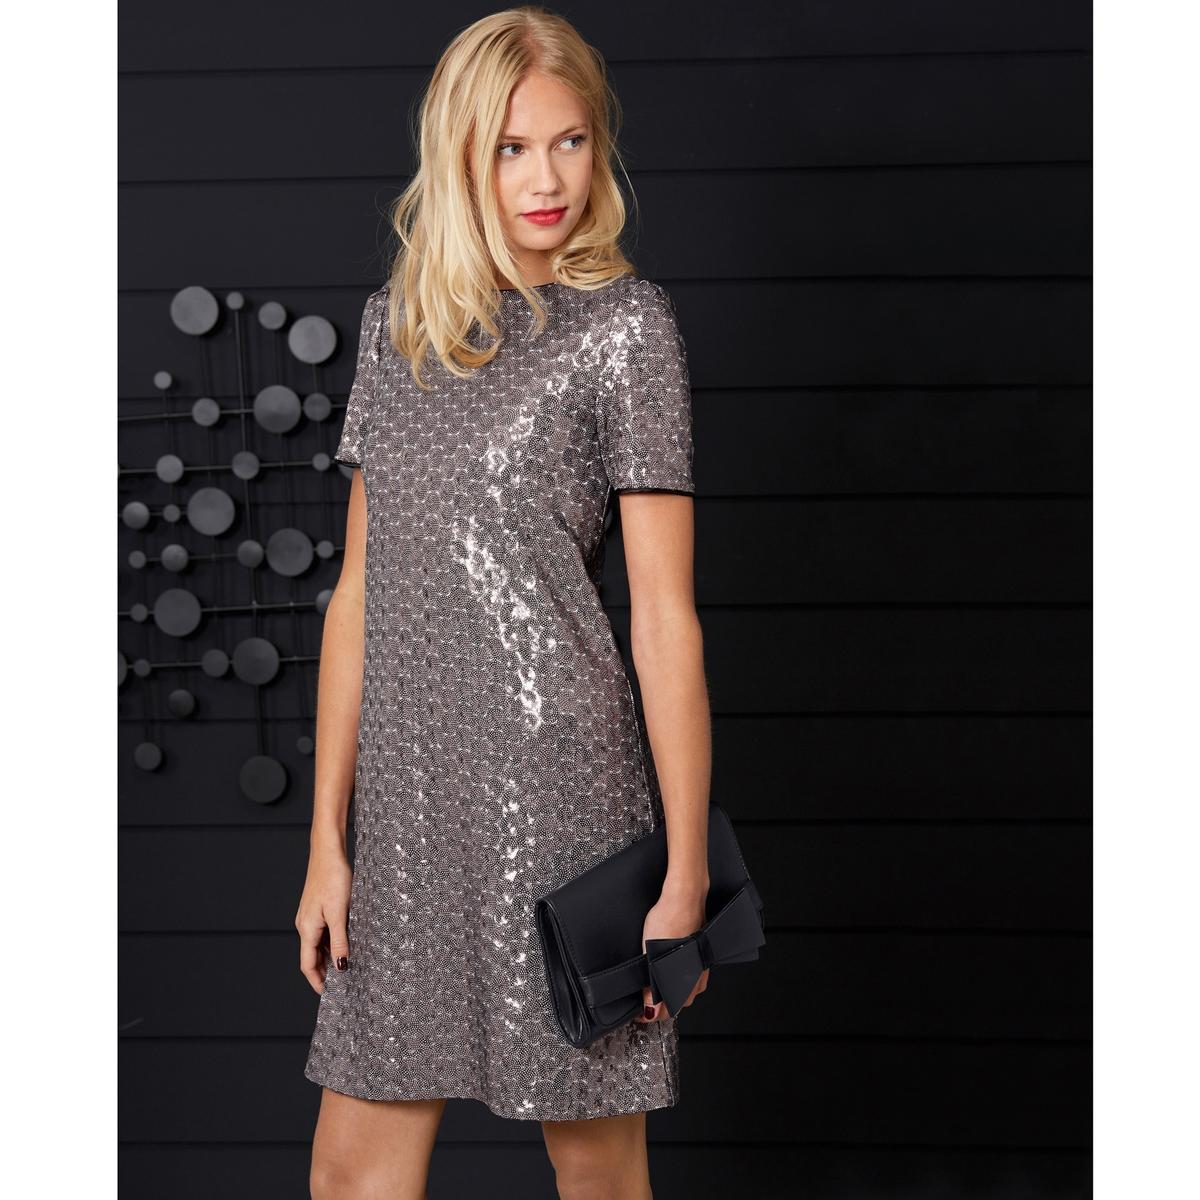 Платье с блестками, Mademoiselle R.Платье с блестками, Mademoiselle R . Круглый вырез, декольте с пуговицей на спине и застежка-невидимка. Сборки на коротких рукавах.  100% полиэстера на подкладке, 100% вискозы. Длина 88 см .<br><br>Цвет: серебристый<br>Размер: 36 (FR) - 42 (RUS)